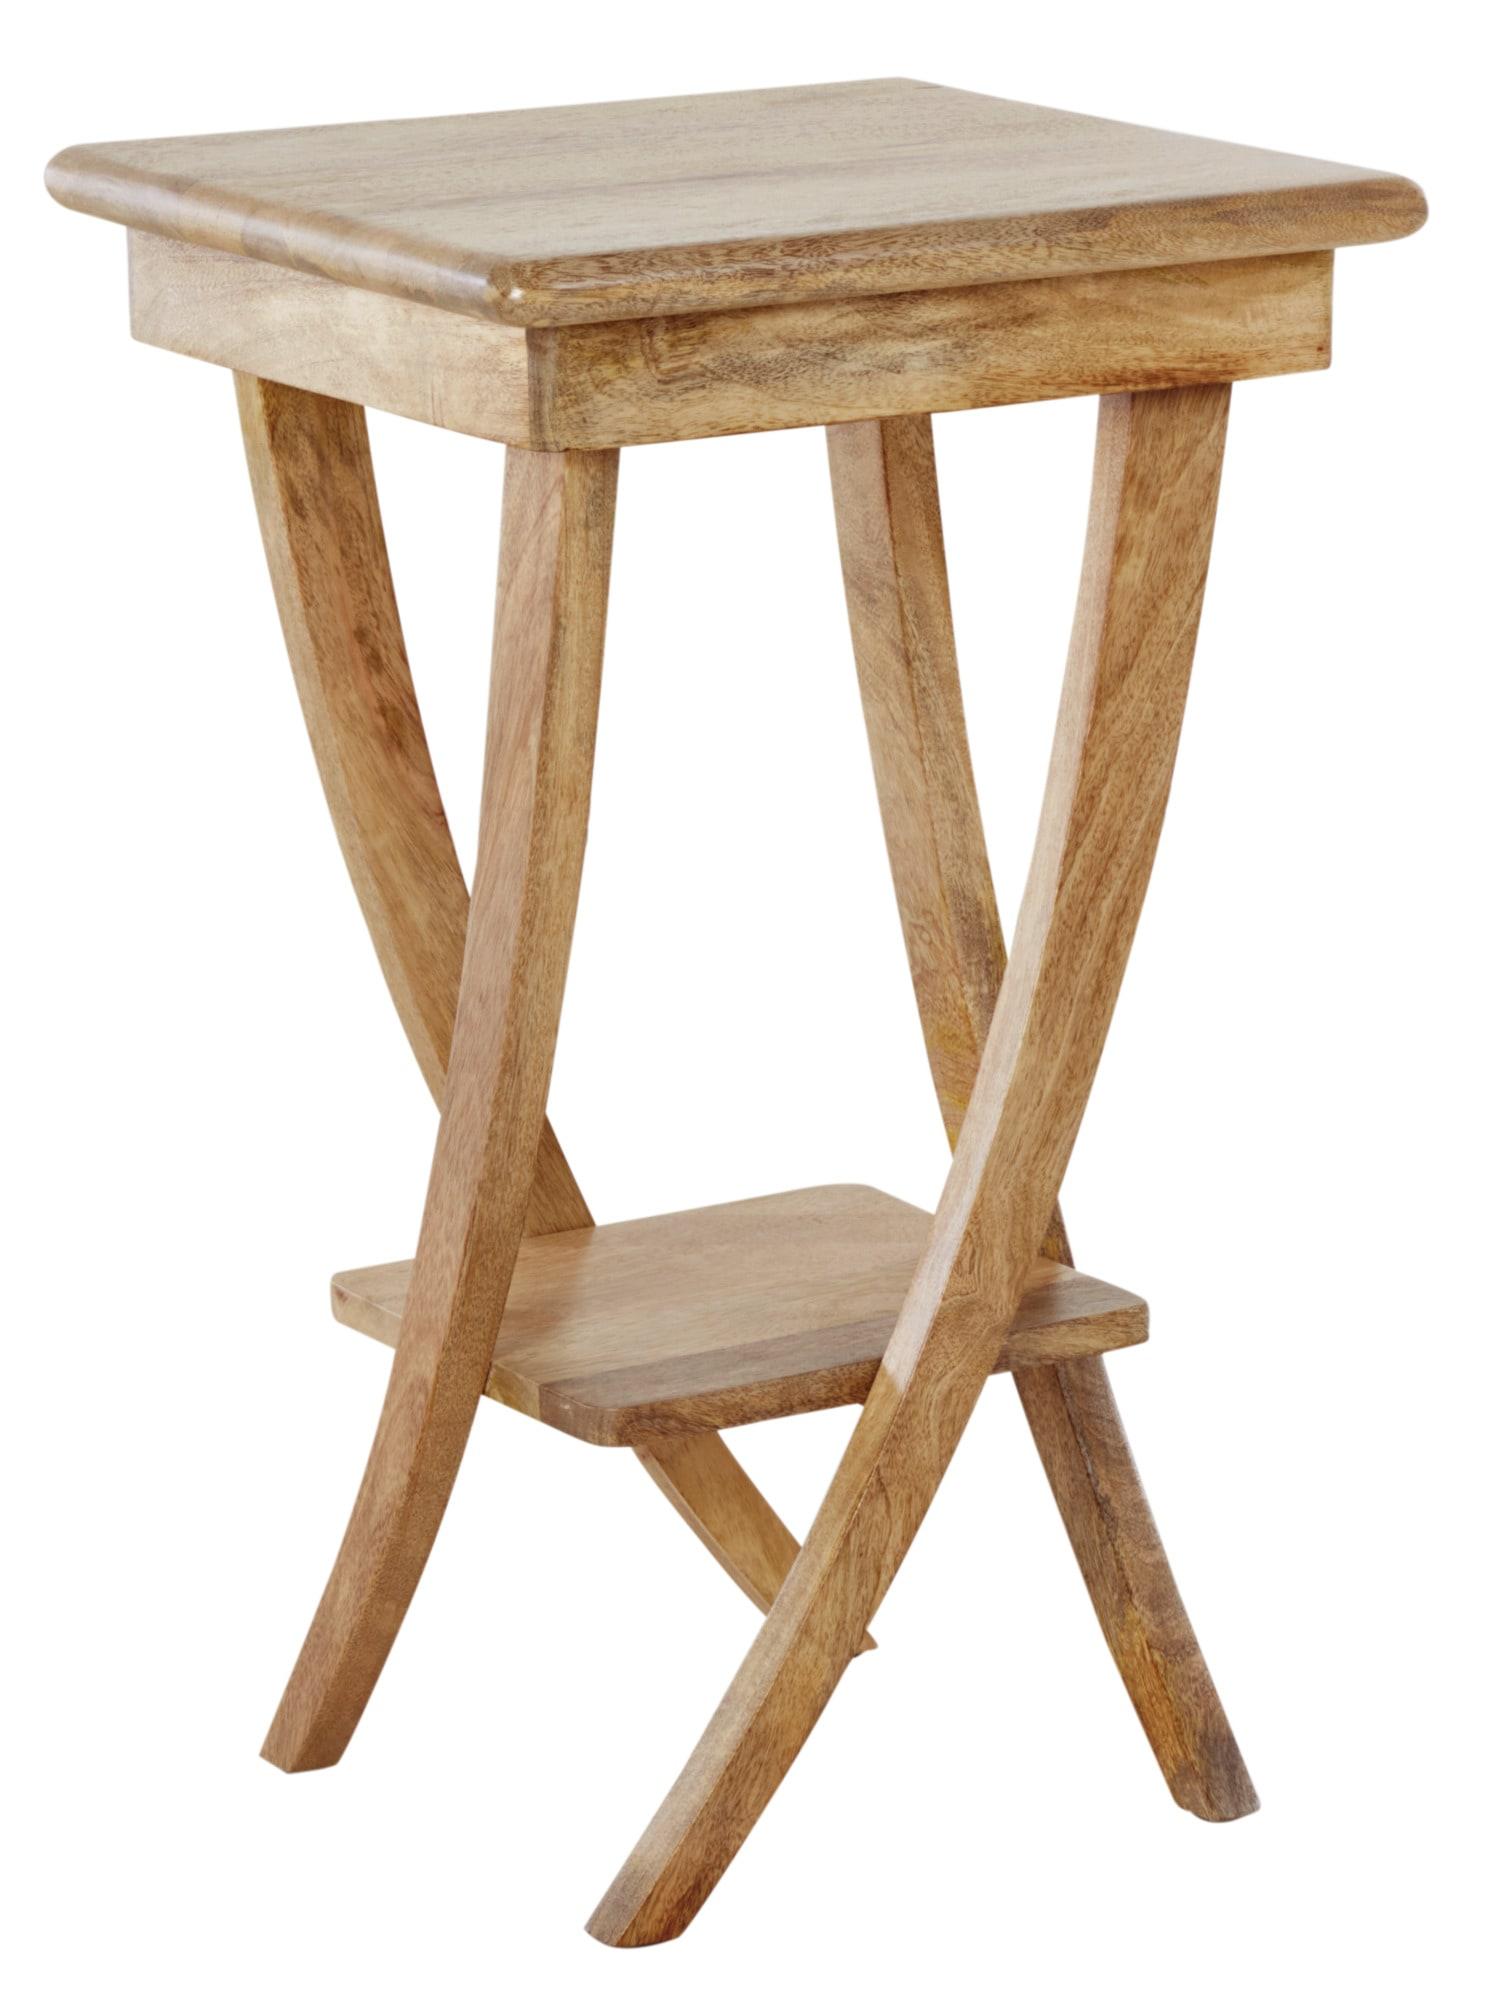 Heine Home Beistelltisch mit dekorativ geschwungenen Beinen beige Beistelltische Tische